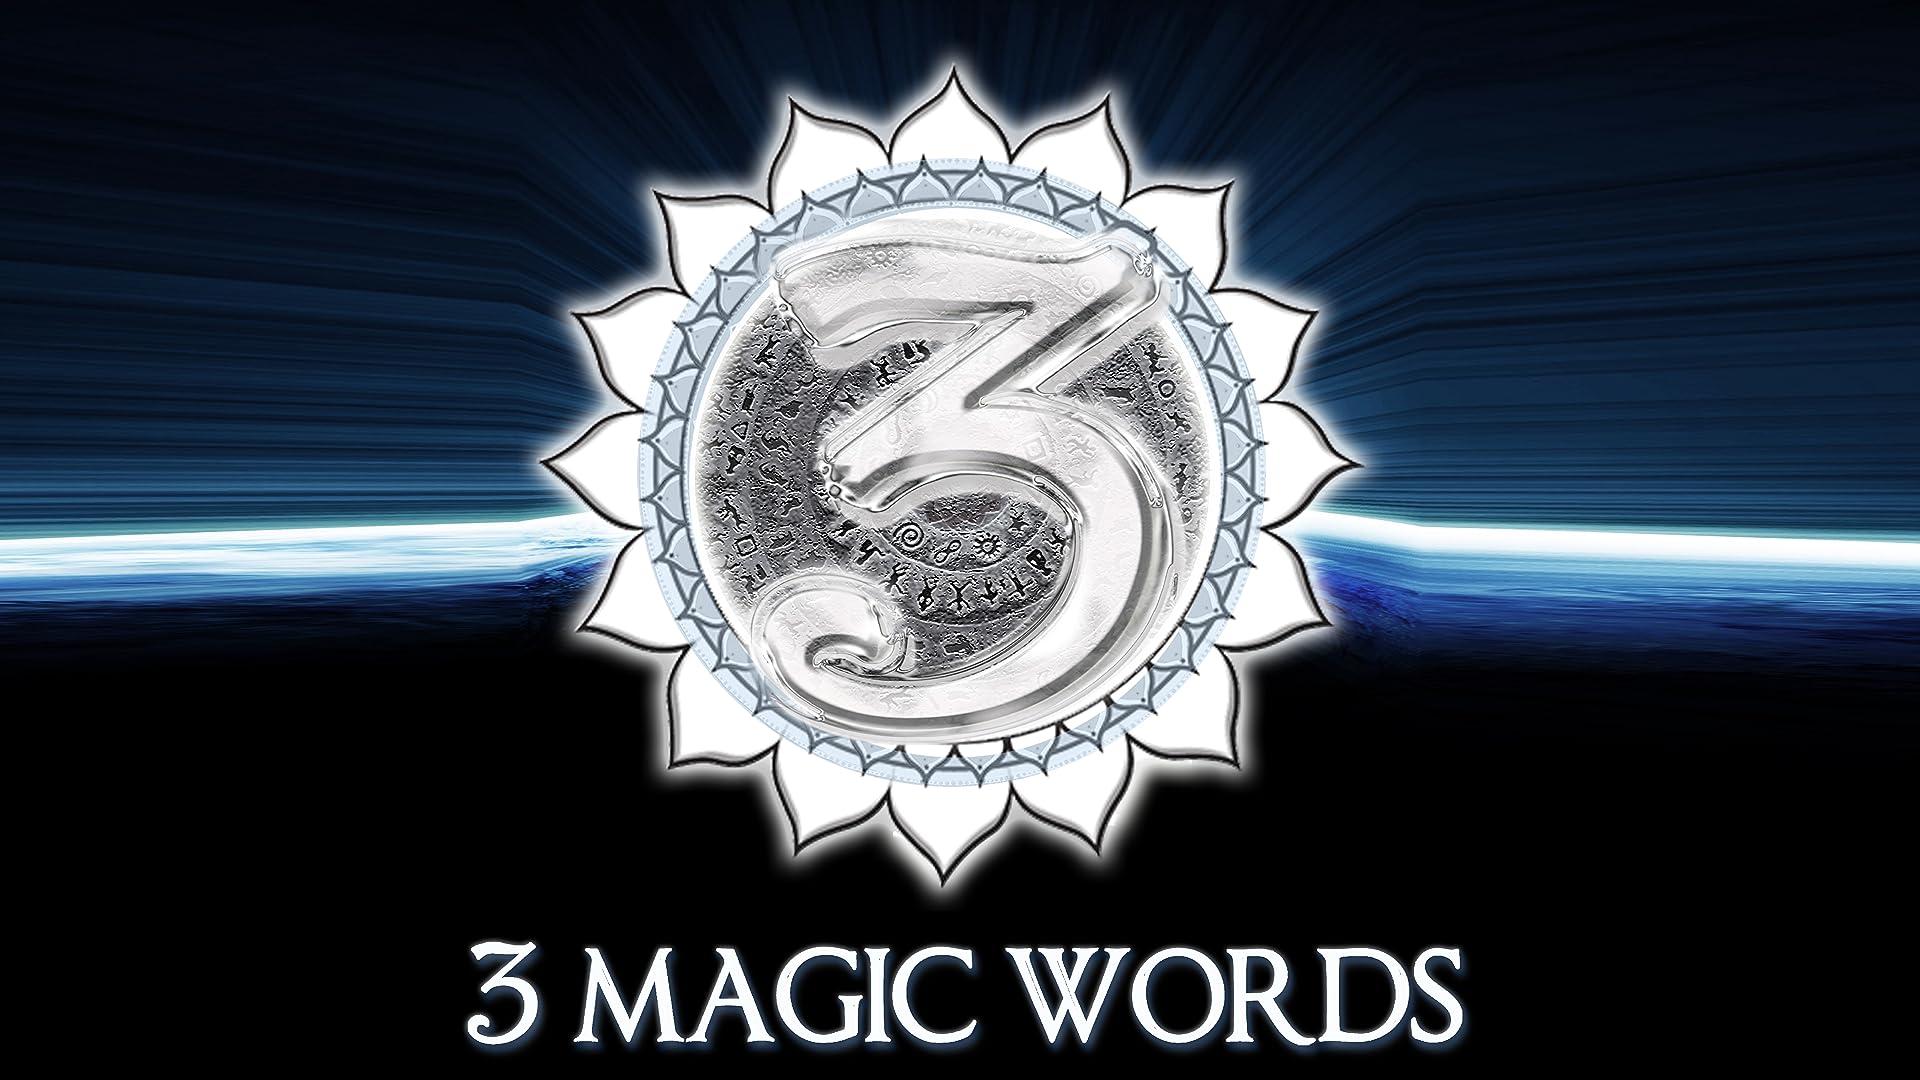 3 Magic Words